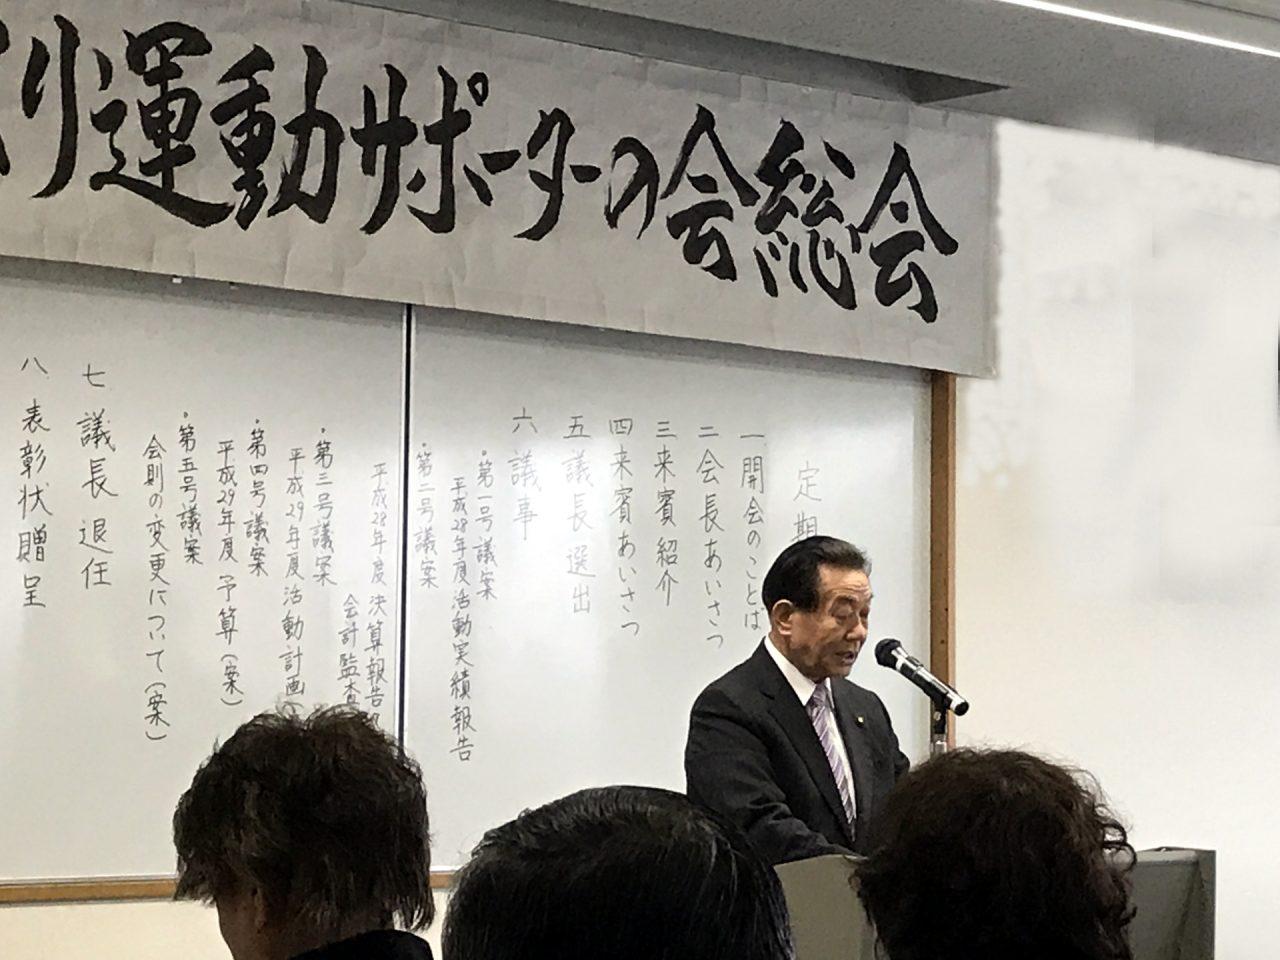 藤田市長の祝辞